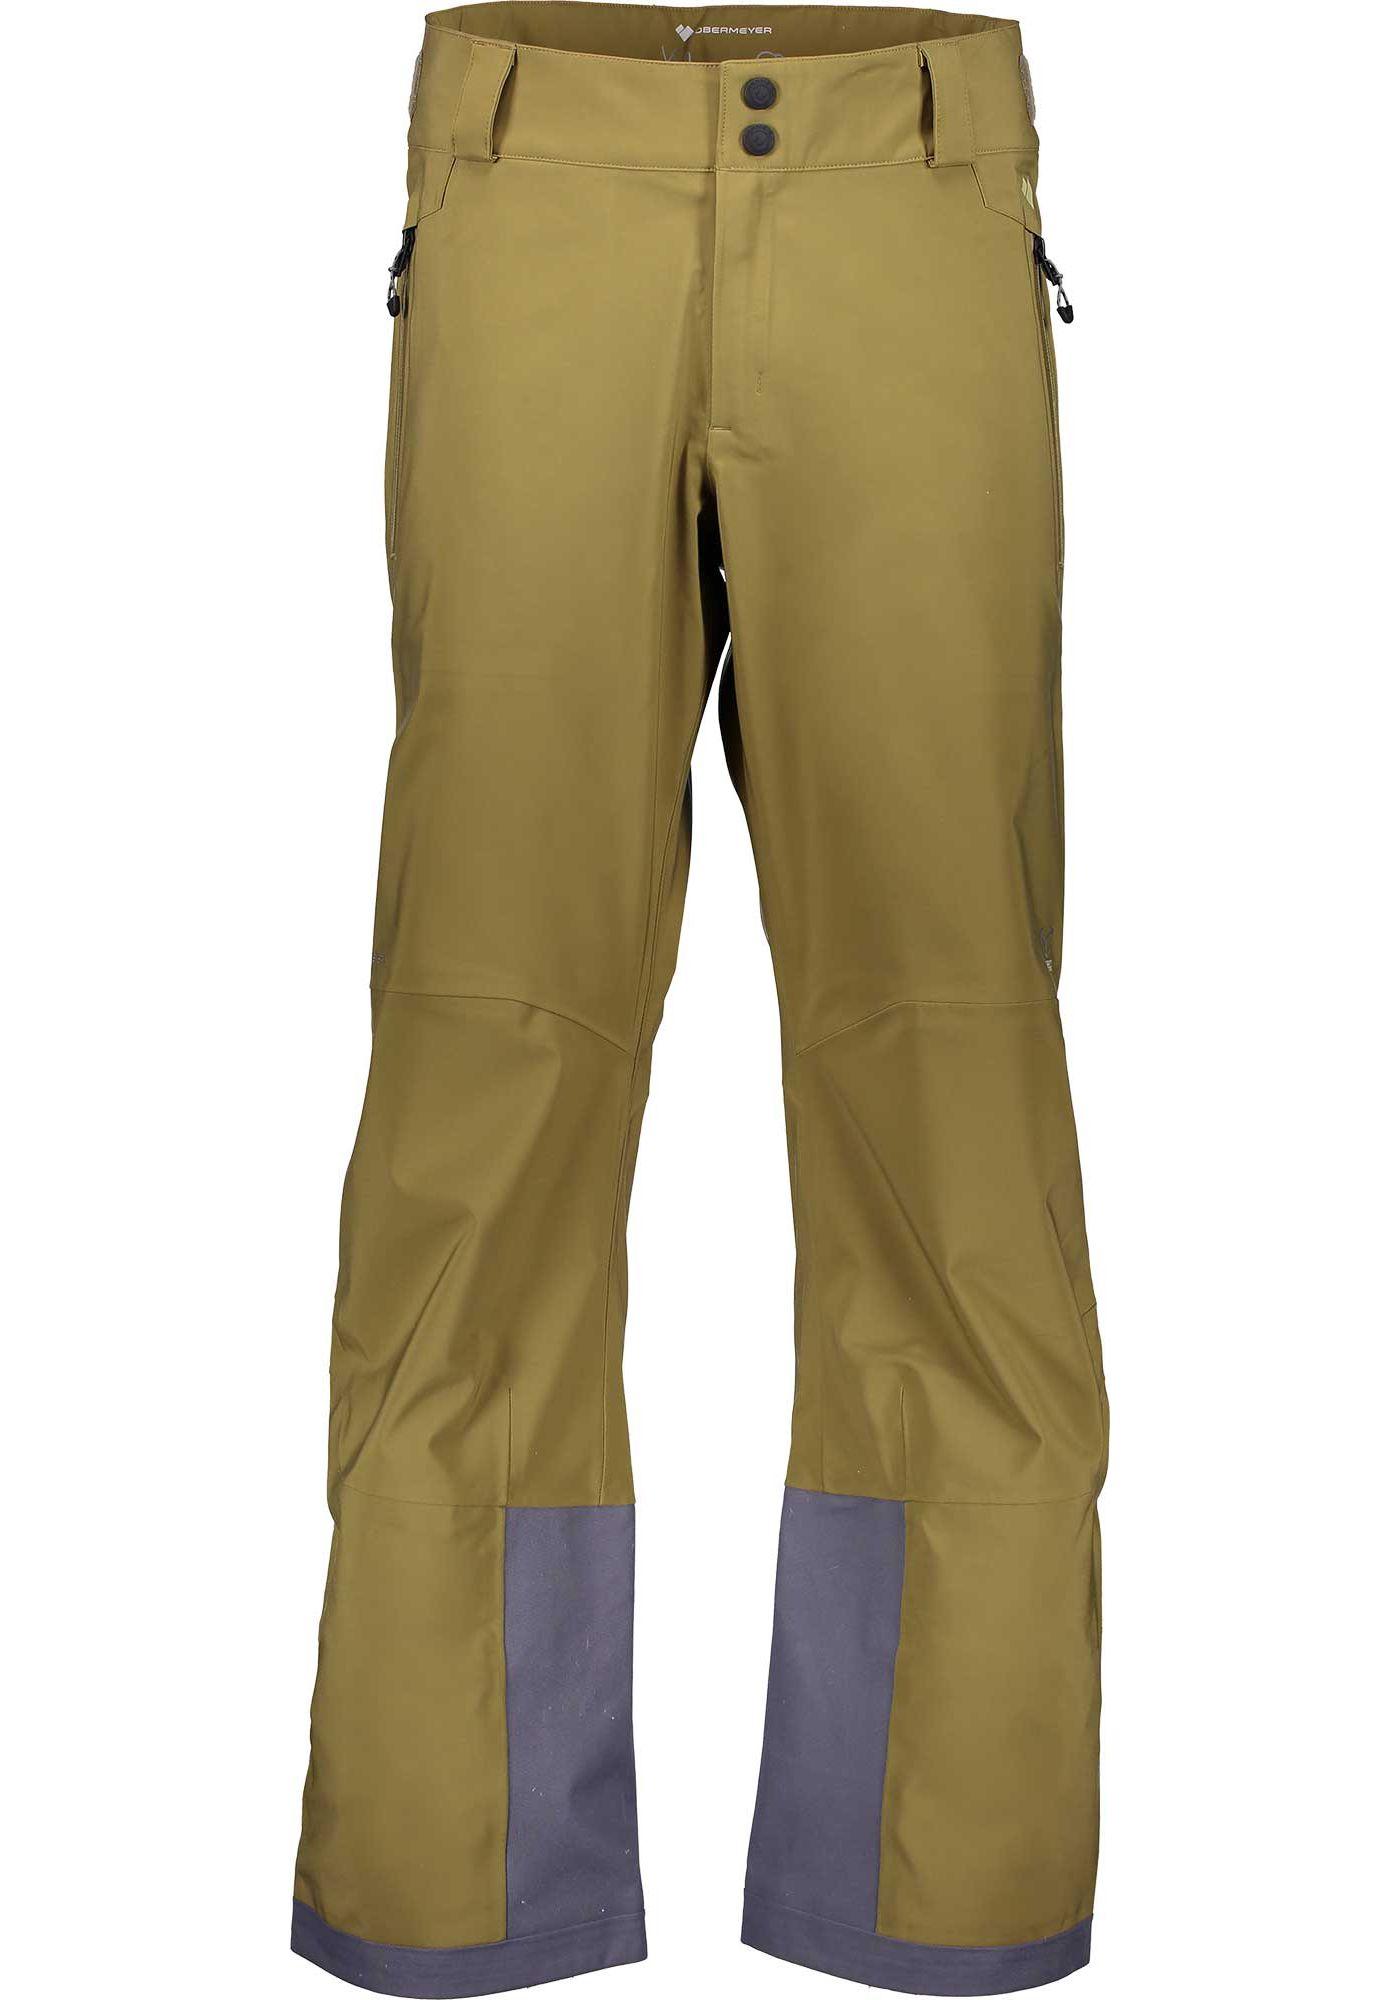 Obermeyer Men's Foraker Shell Ski Pants